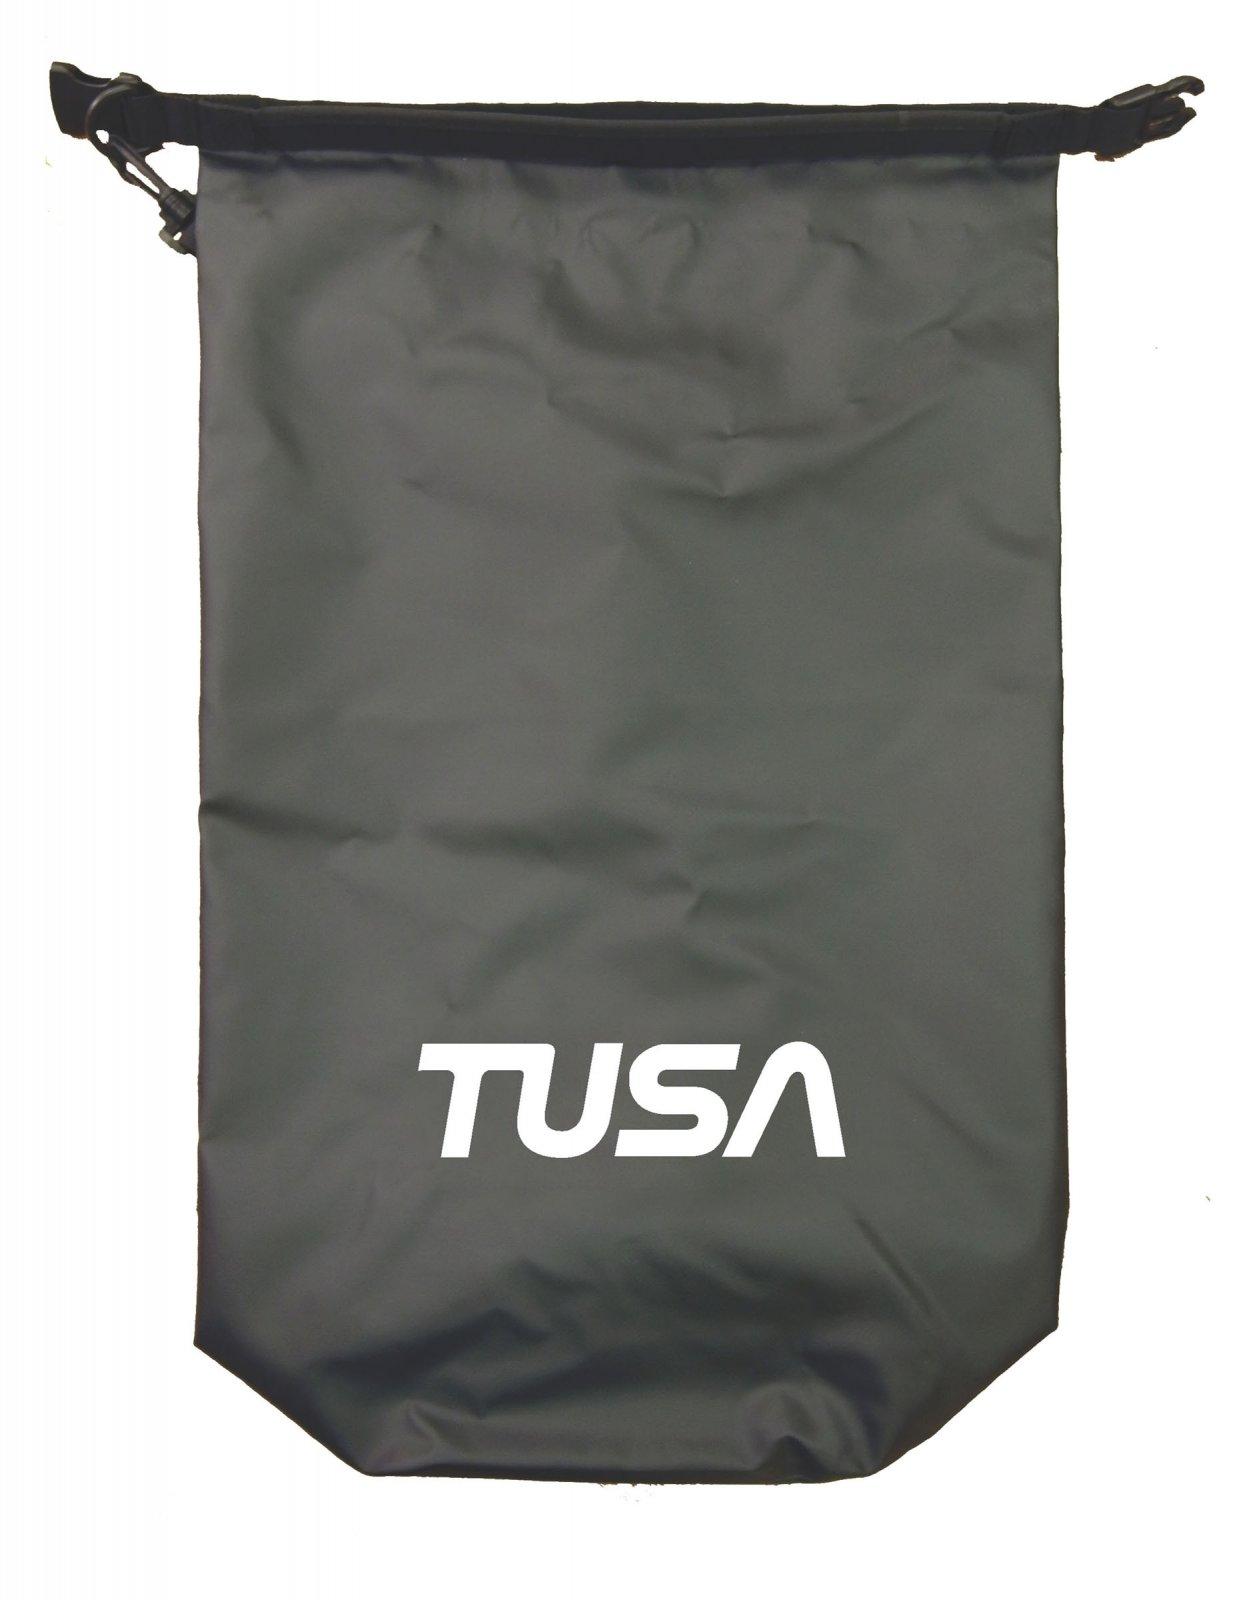 TUSA Drybag